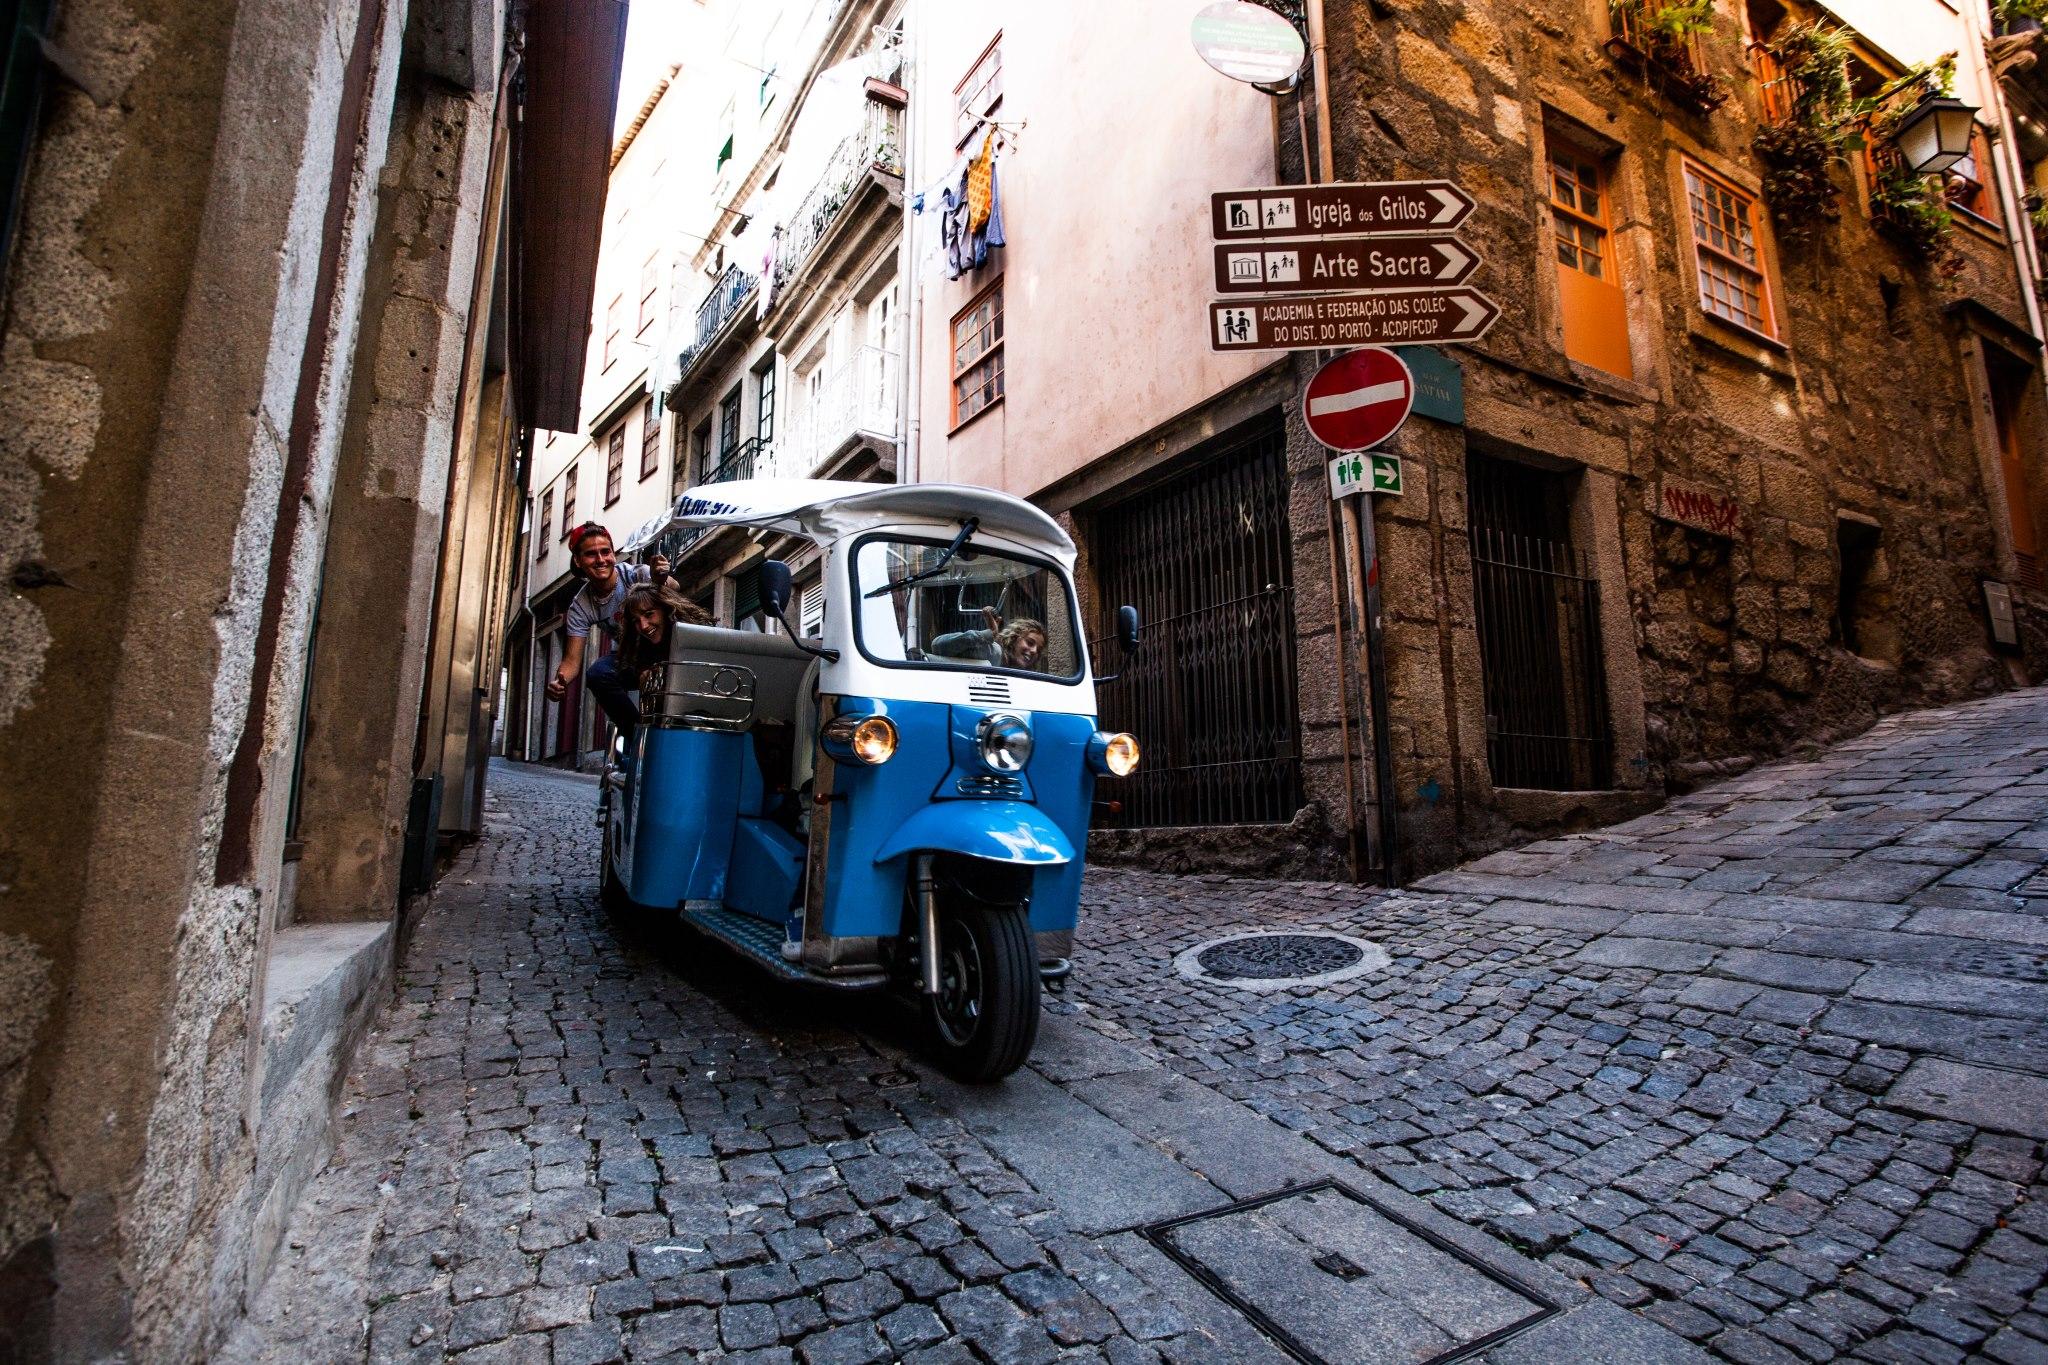 Porto Tuk Tuk Ride historic streets - Living Tours